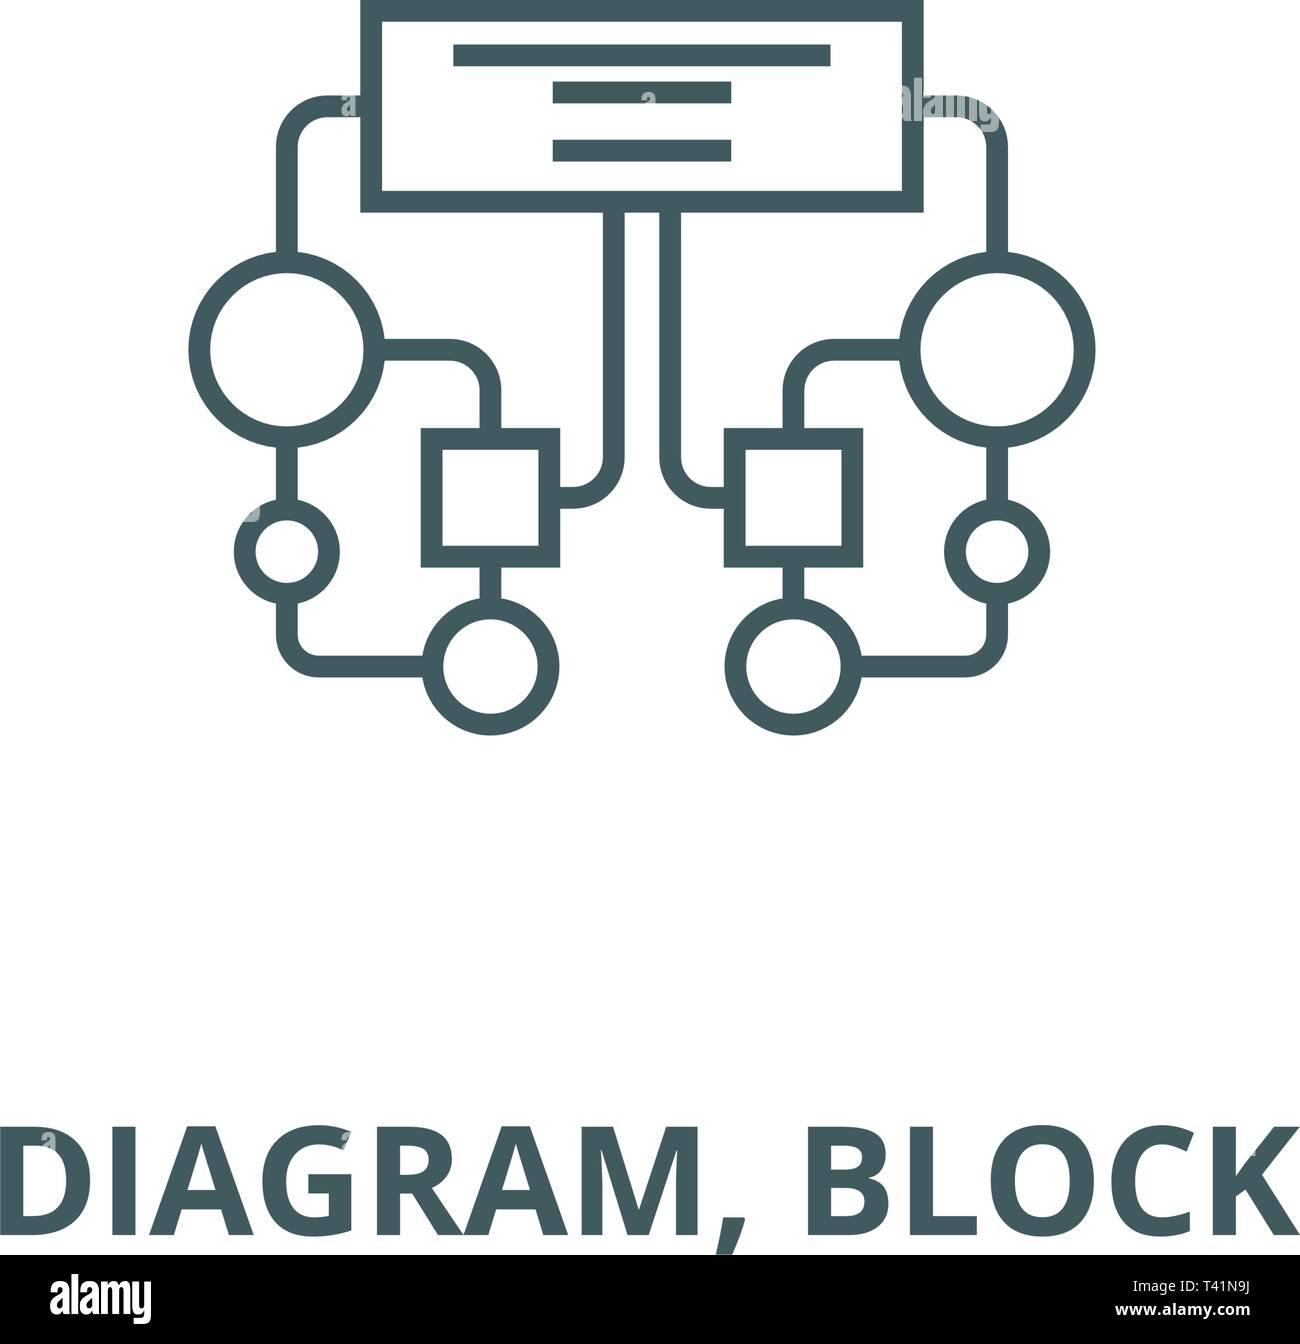 Diagram, block line icon, vector  Diagram, block outline